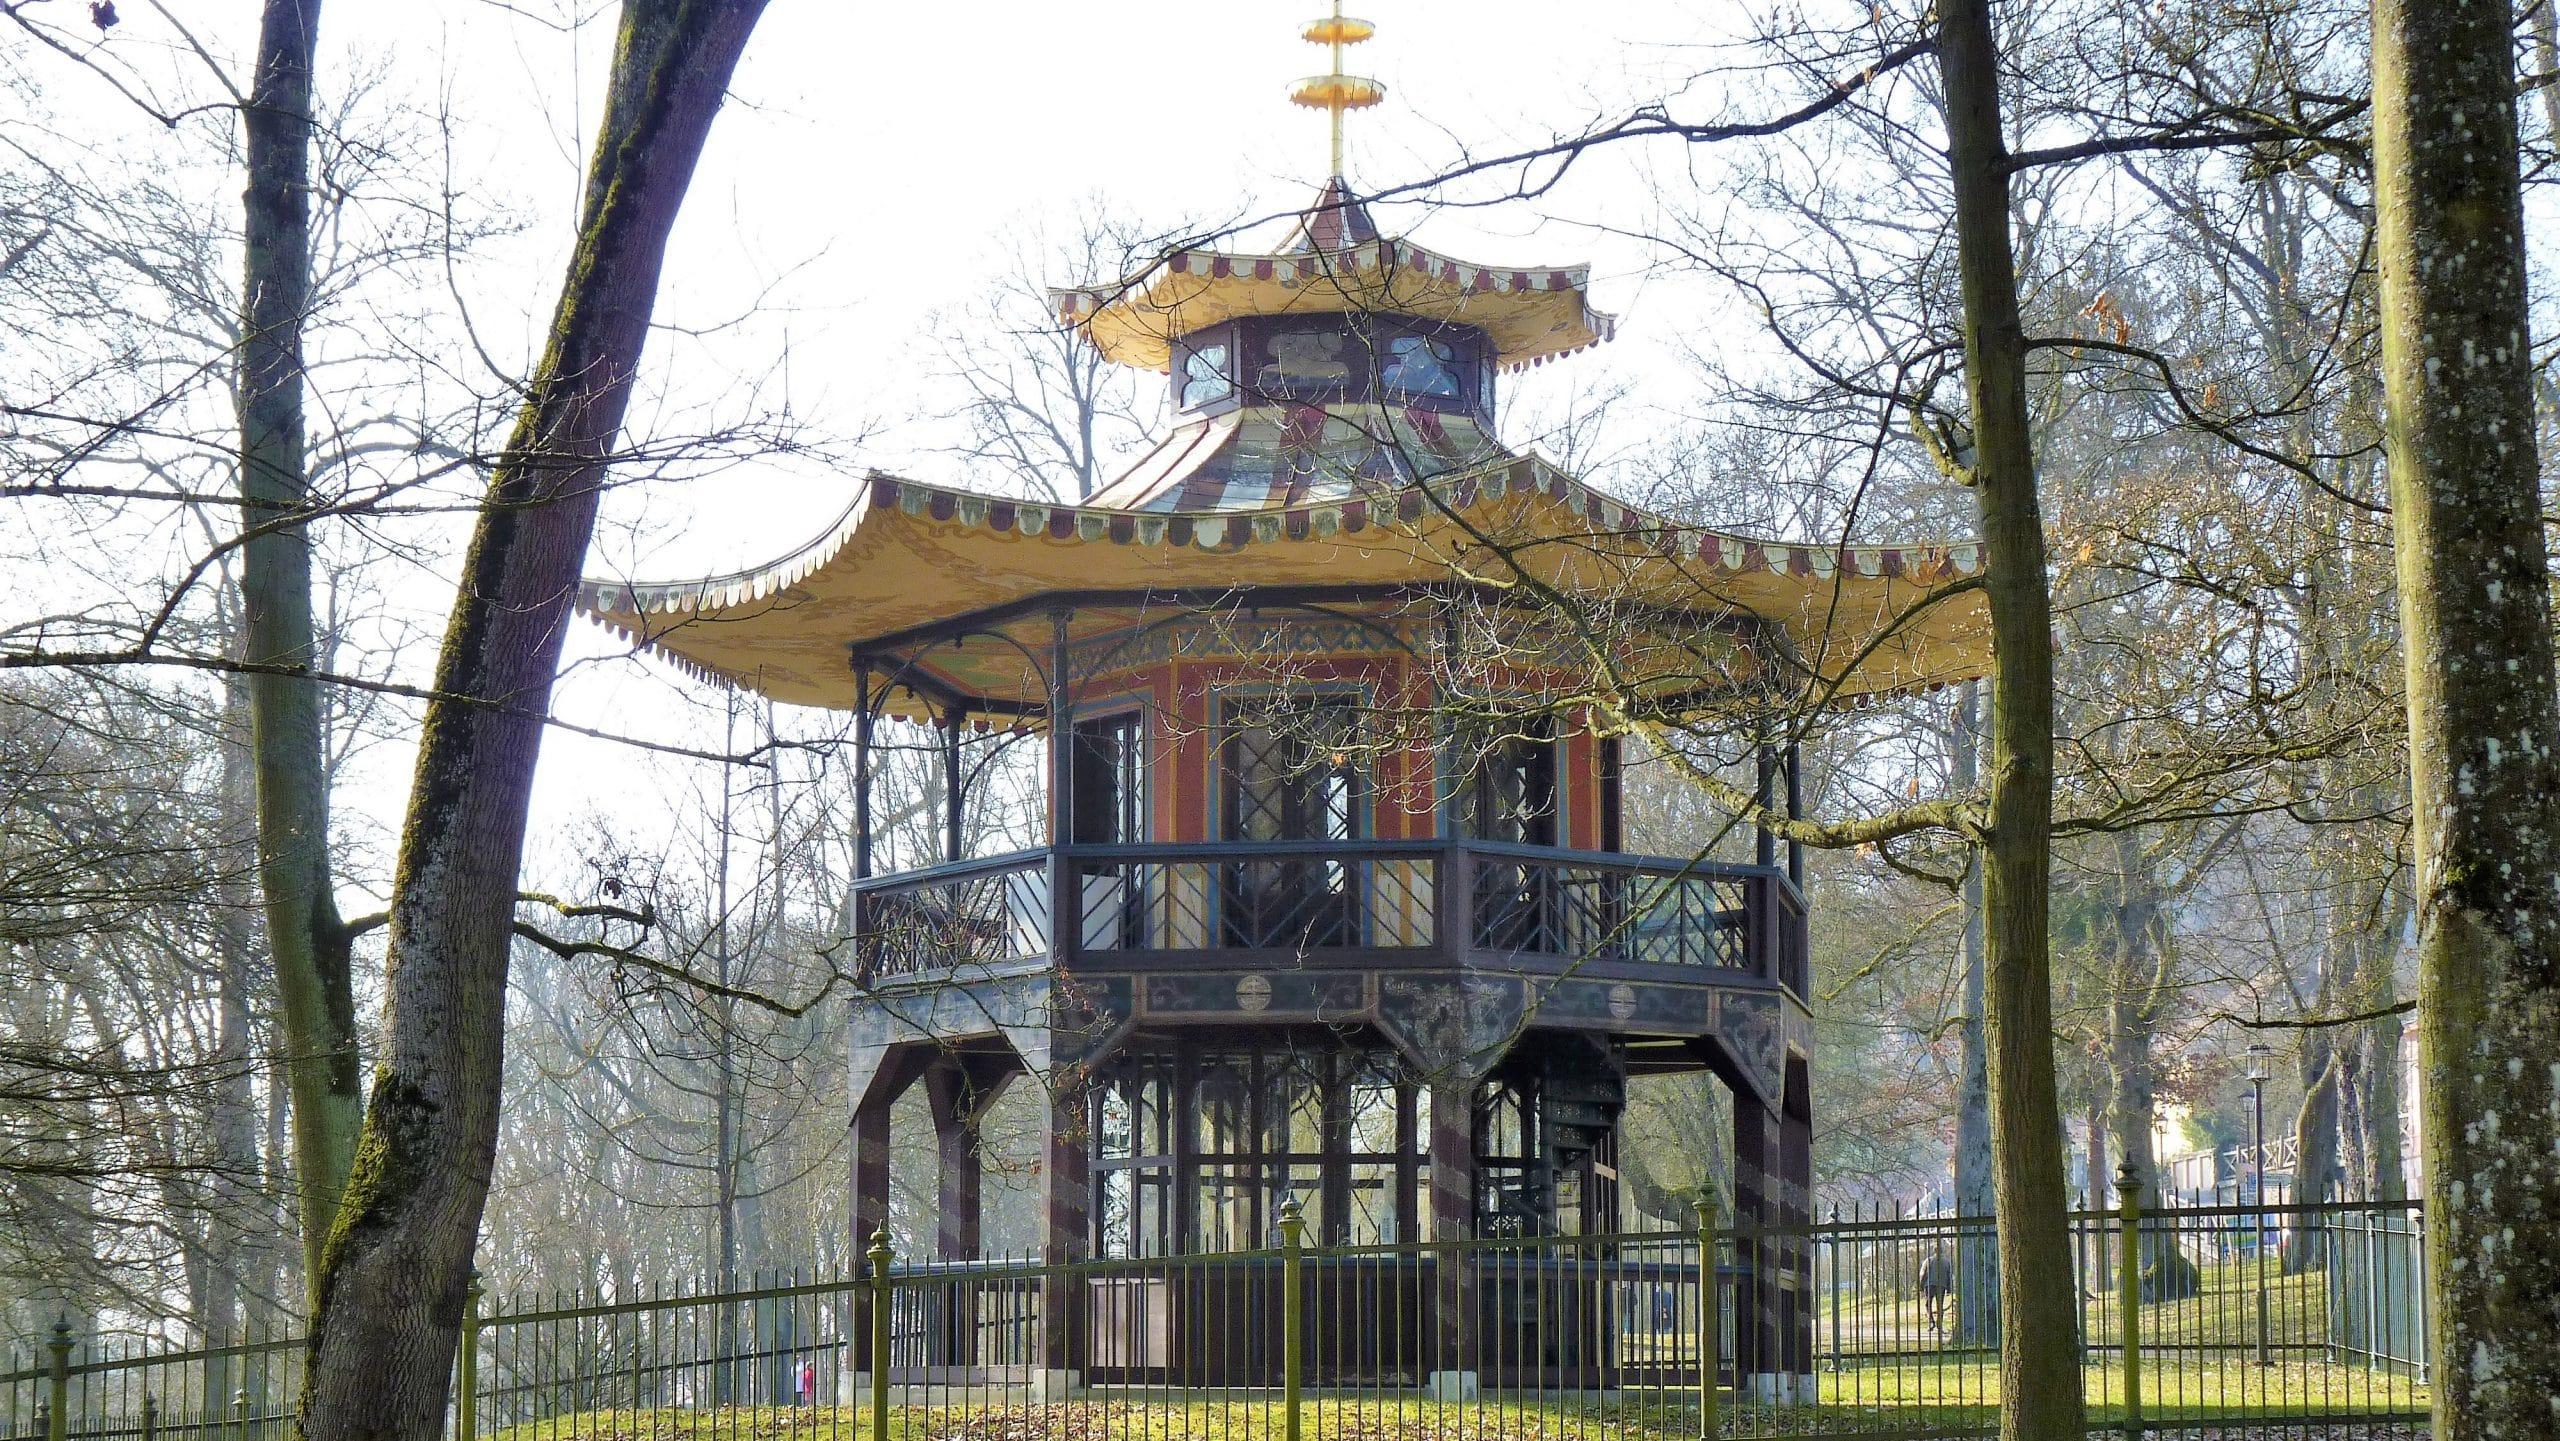 Cinesischer Turm Donaustauf